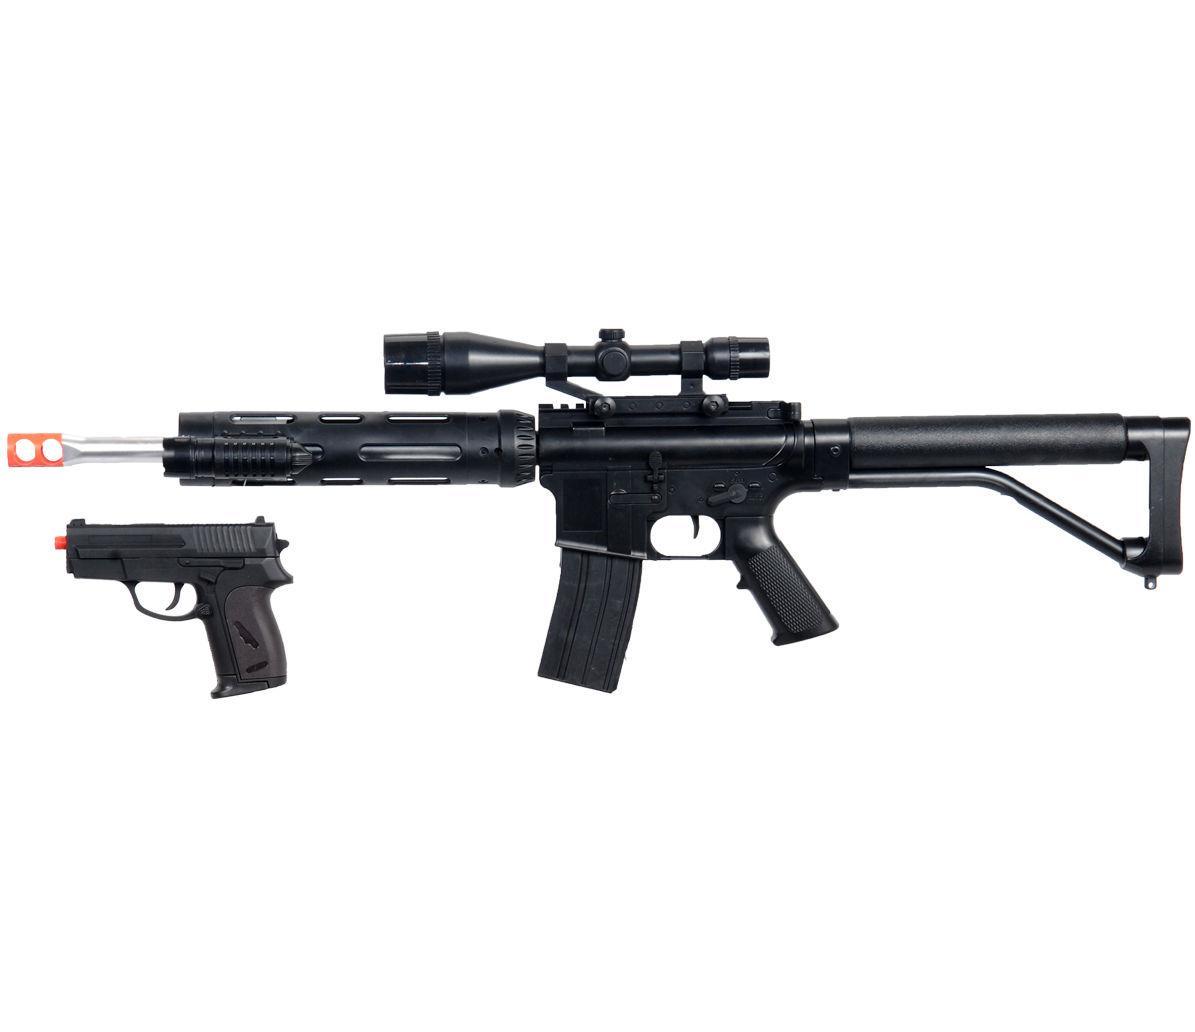 New M4 A1 M16 Tactical Assault Spring Airsoft Rifle Gun W Pistol